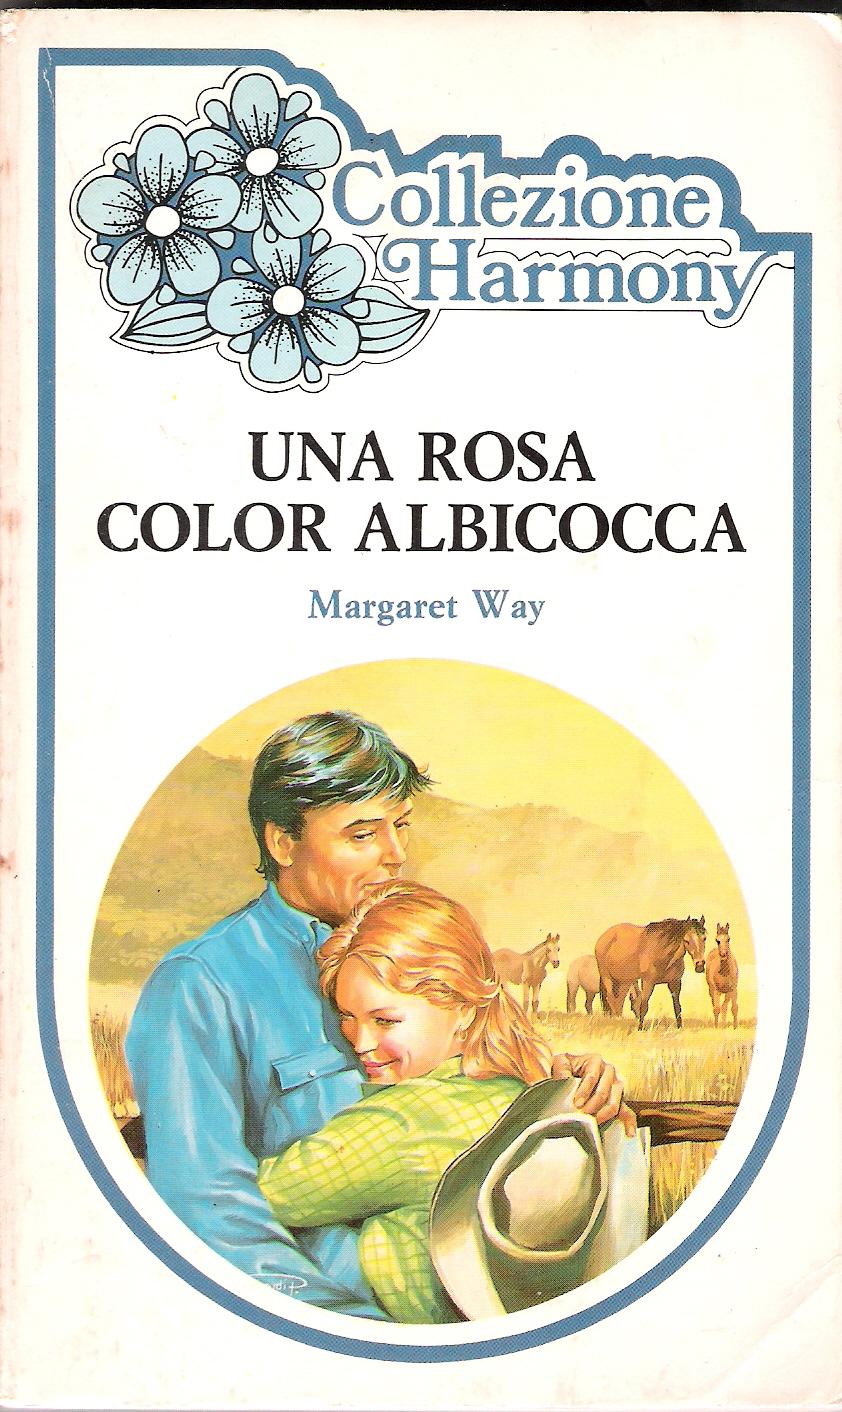 Una rosa color albicocca